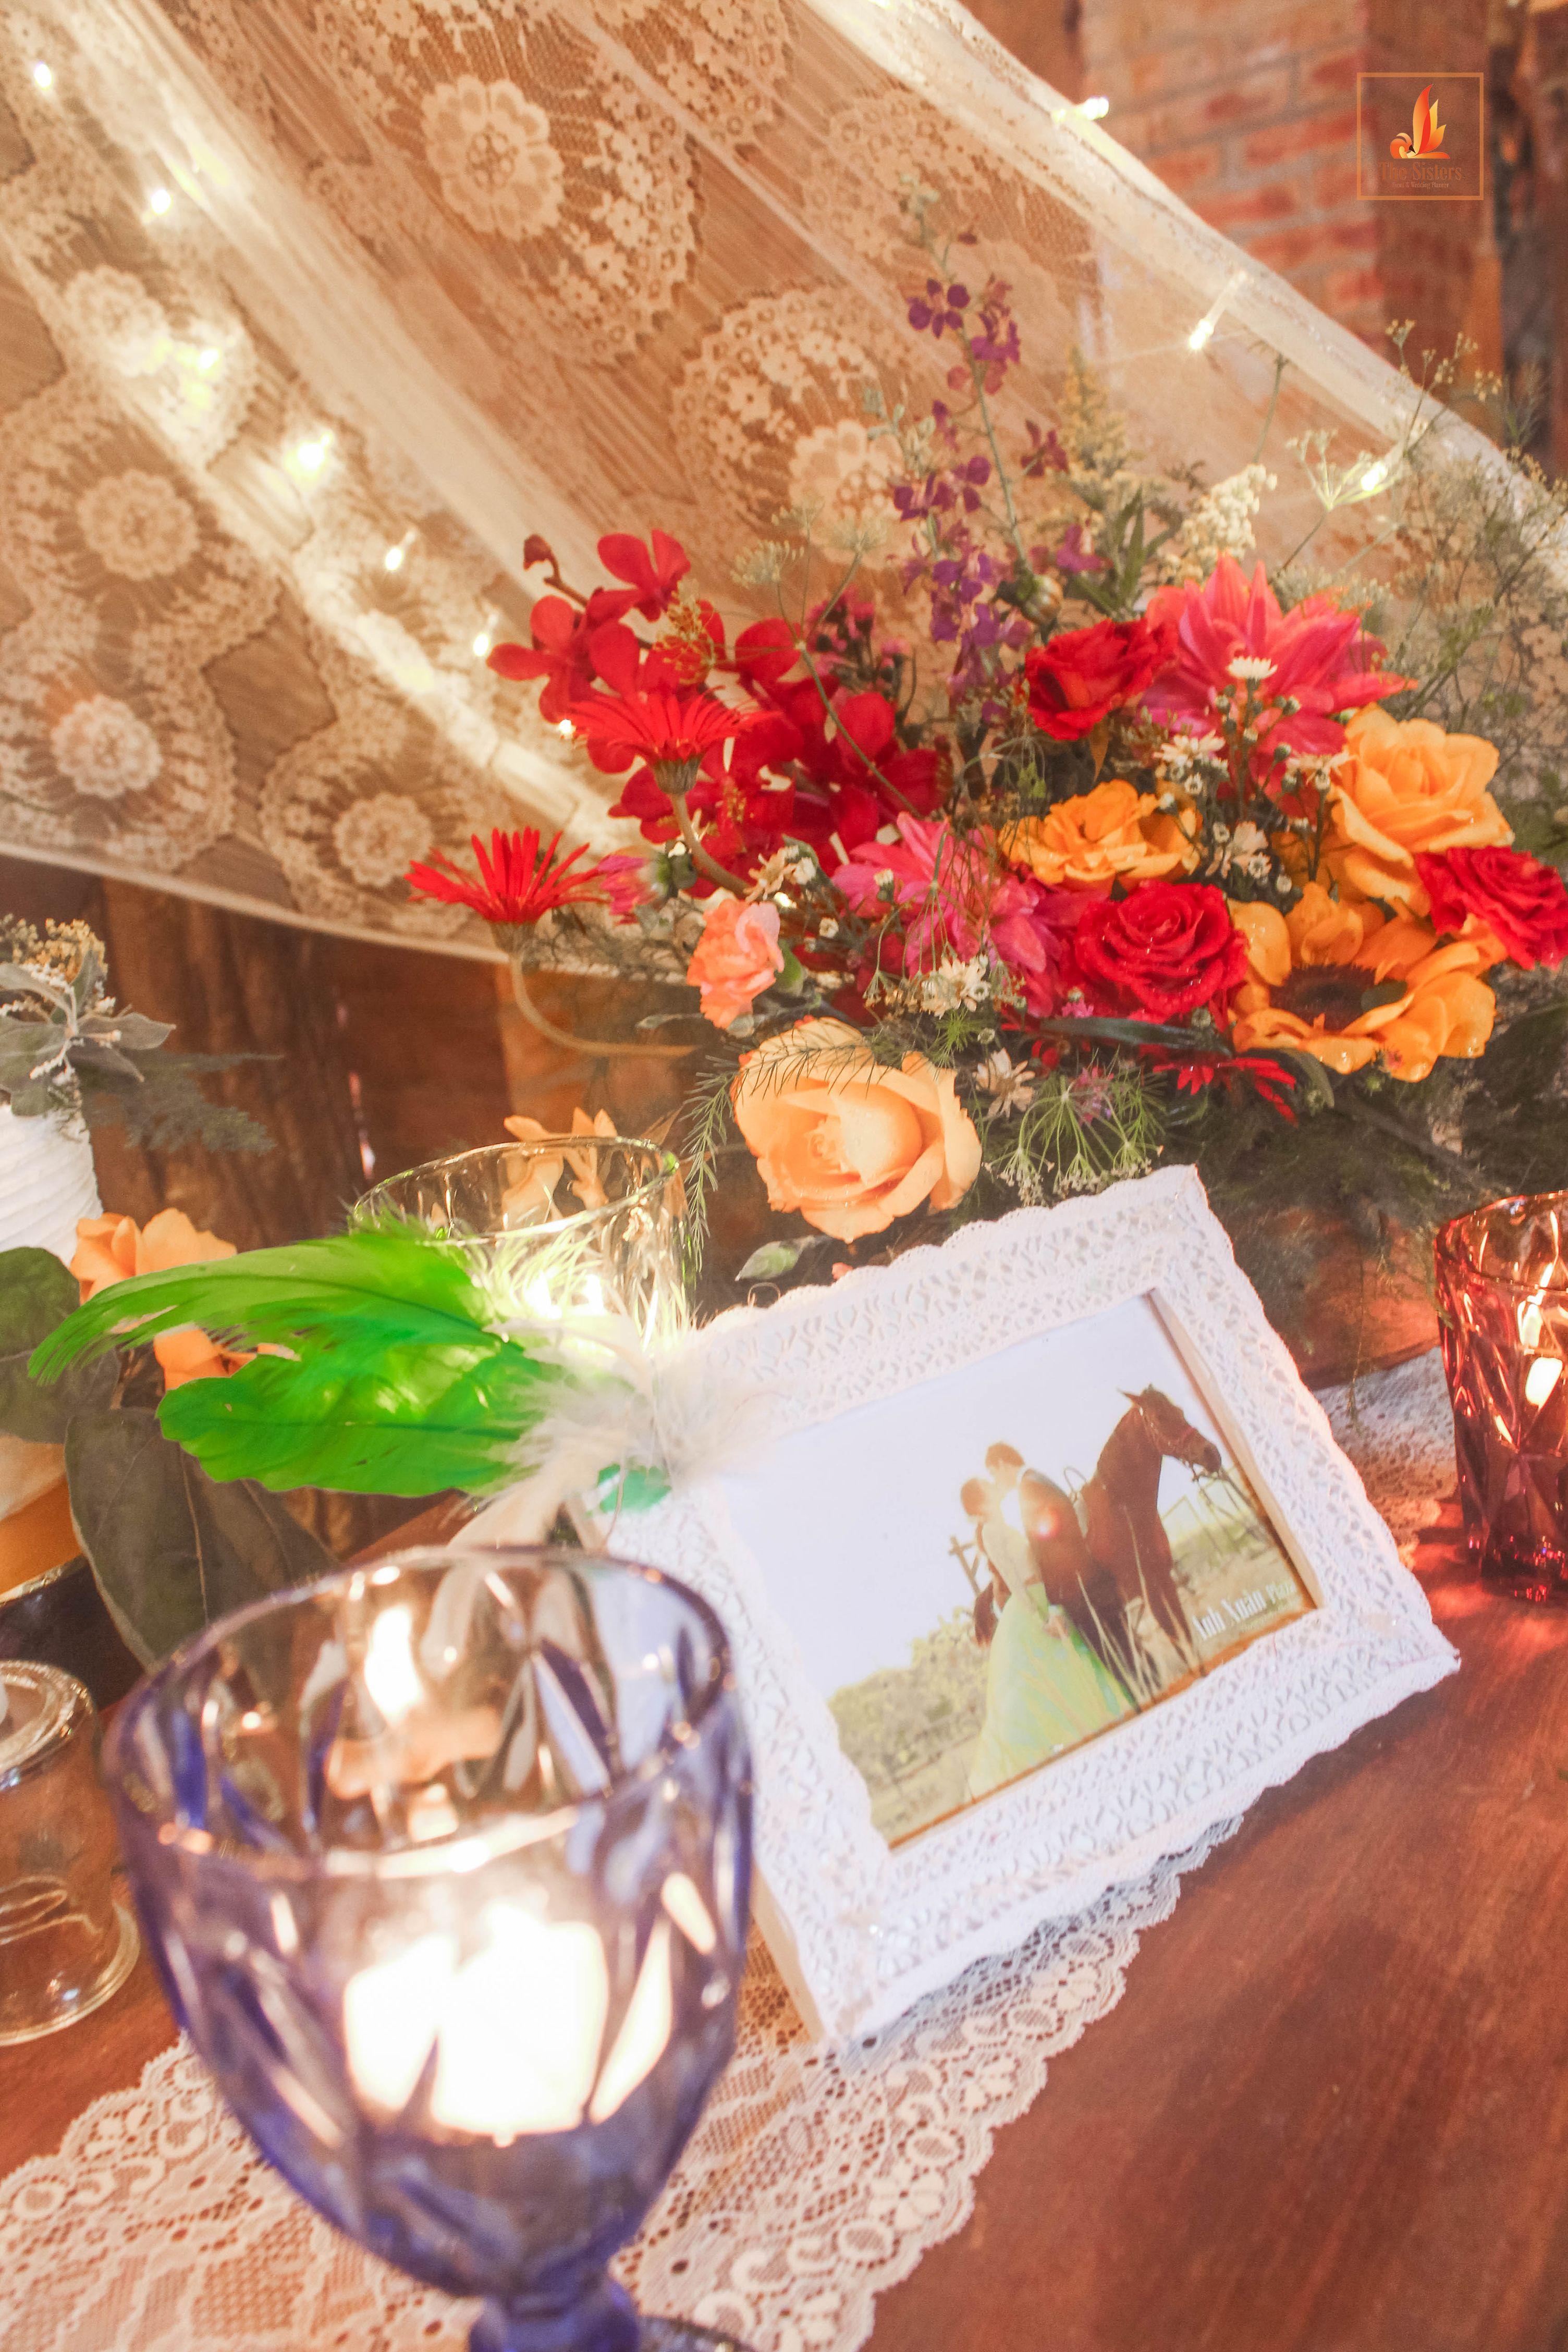 Bohemian wedding in hanoi vietnam wedding planner the sisters bohemian wedding in hanoi vietnam wedding planner the sisters wedding decoration team kwai junglespirit Gallery